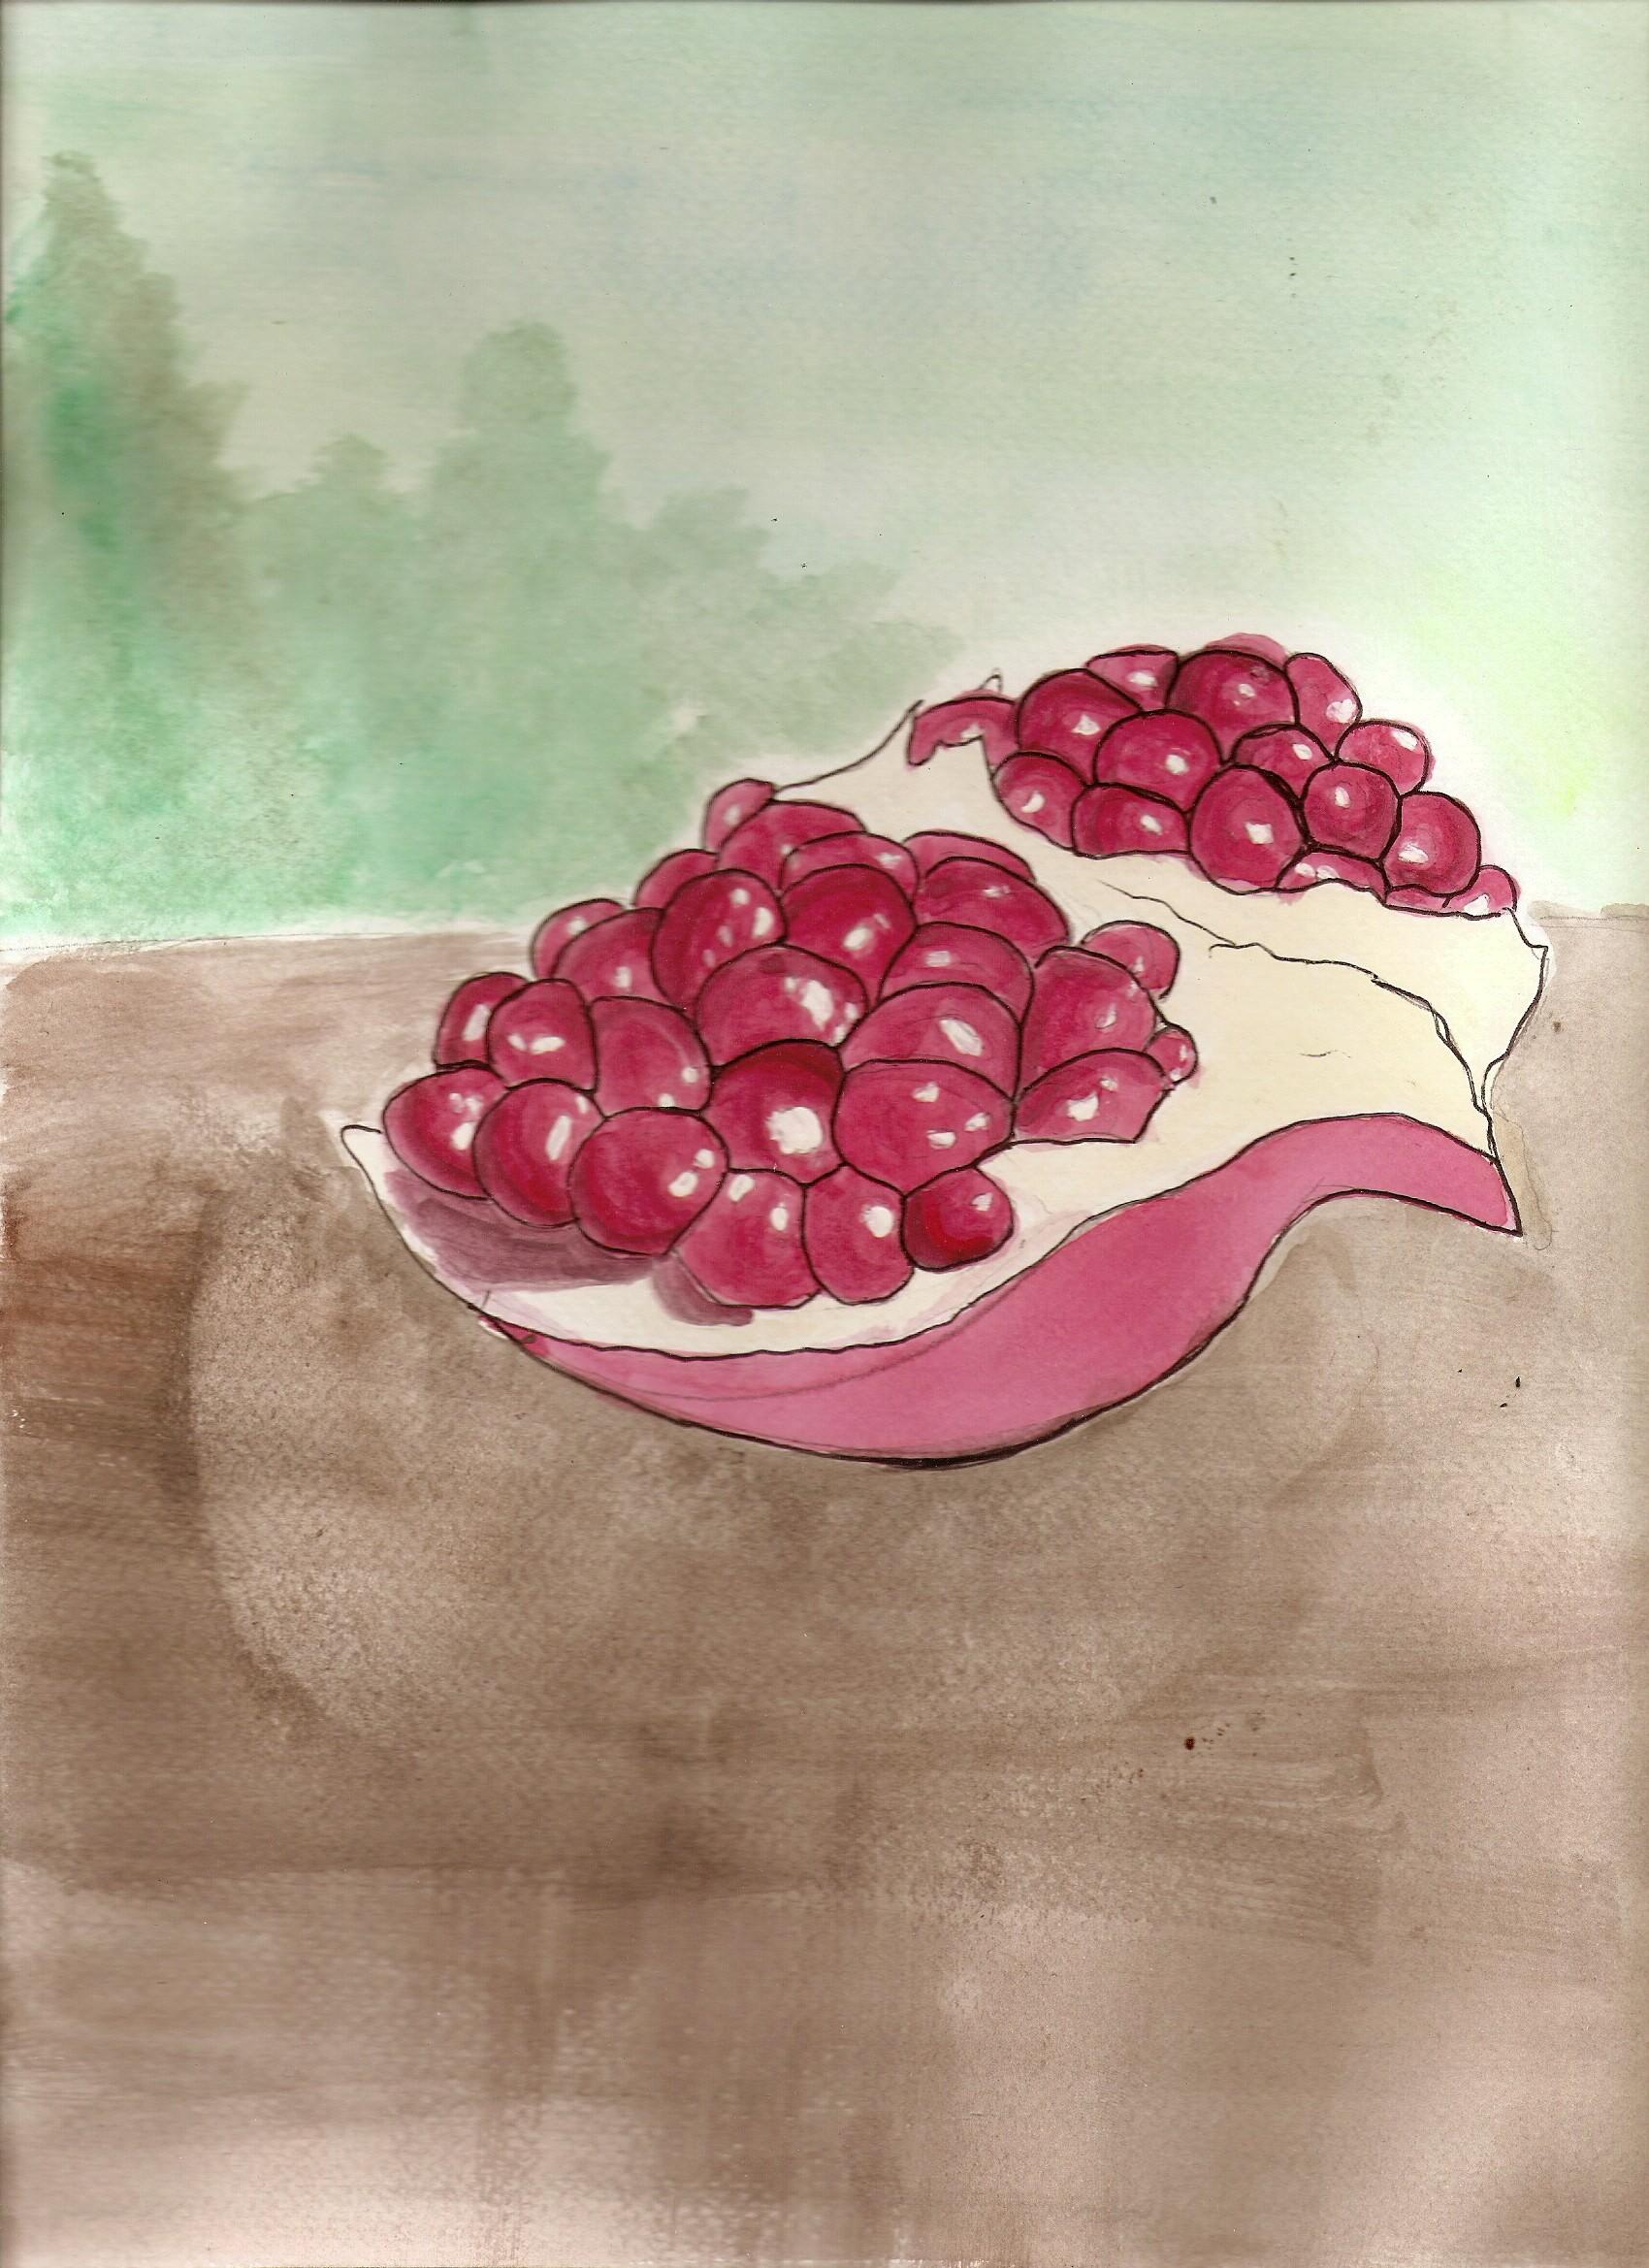 Masaüstü çizim Boyama Illüstrasyon Gıda Kırmızı Meyve Pembe